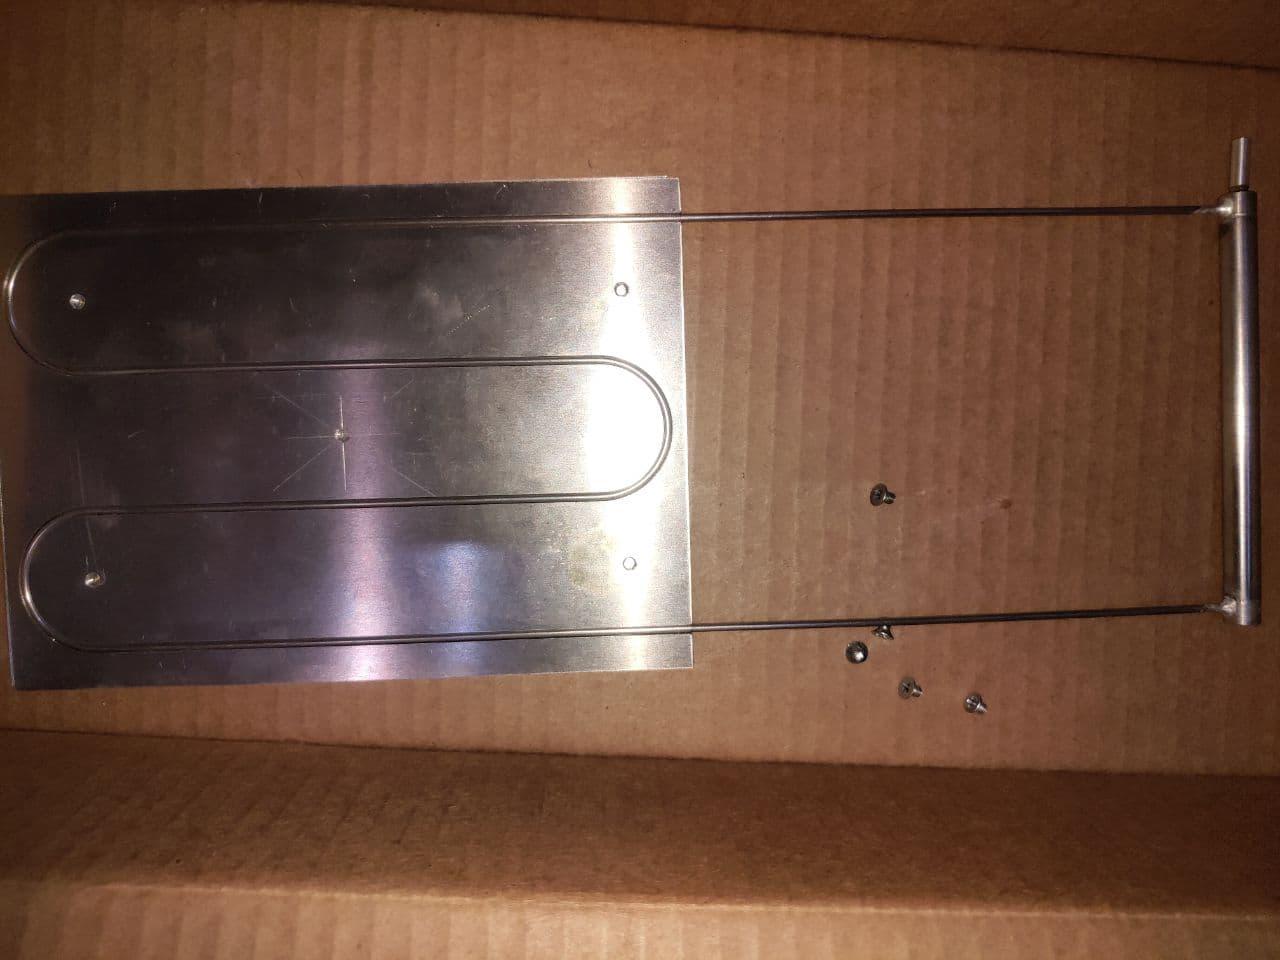 Вскрытие посылки выявило, что КТТ пришёл с теплосъёмником в зоне конденсатора, без теплосъёмника на испарителе